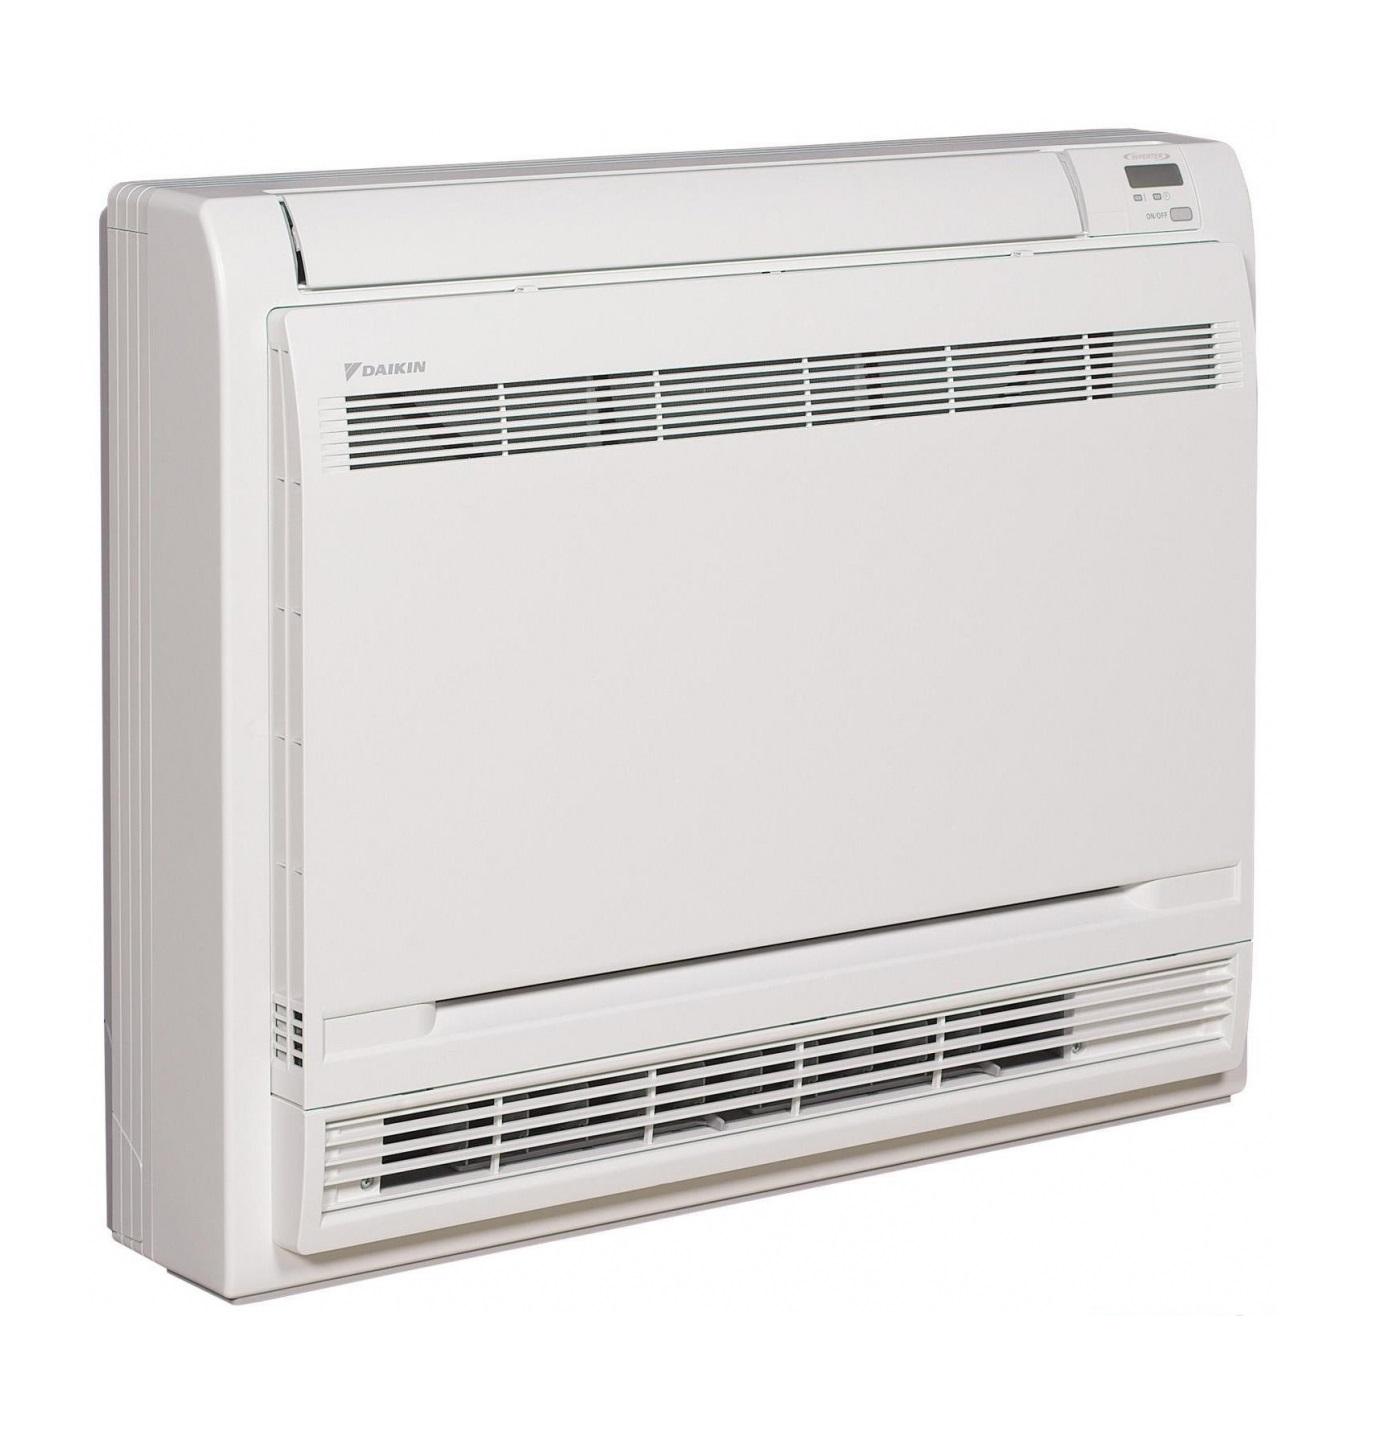 aire acondicionado daikin unidad interior suelo fvxs25f